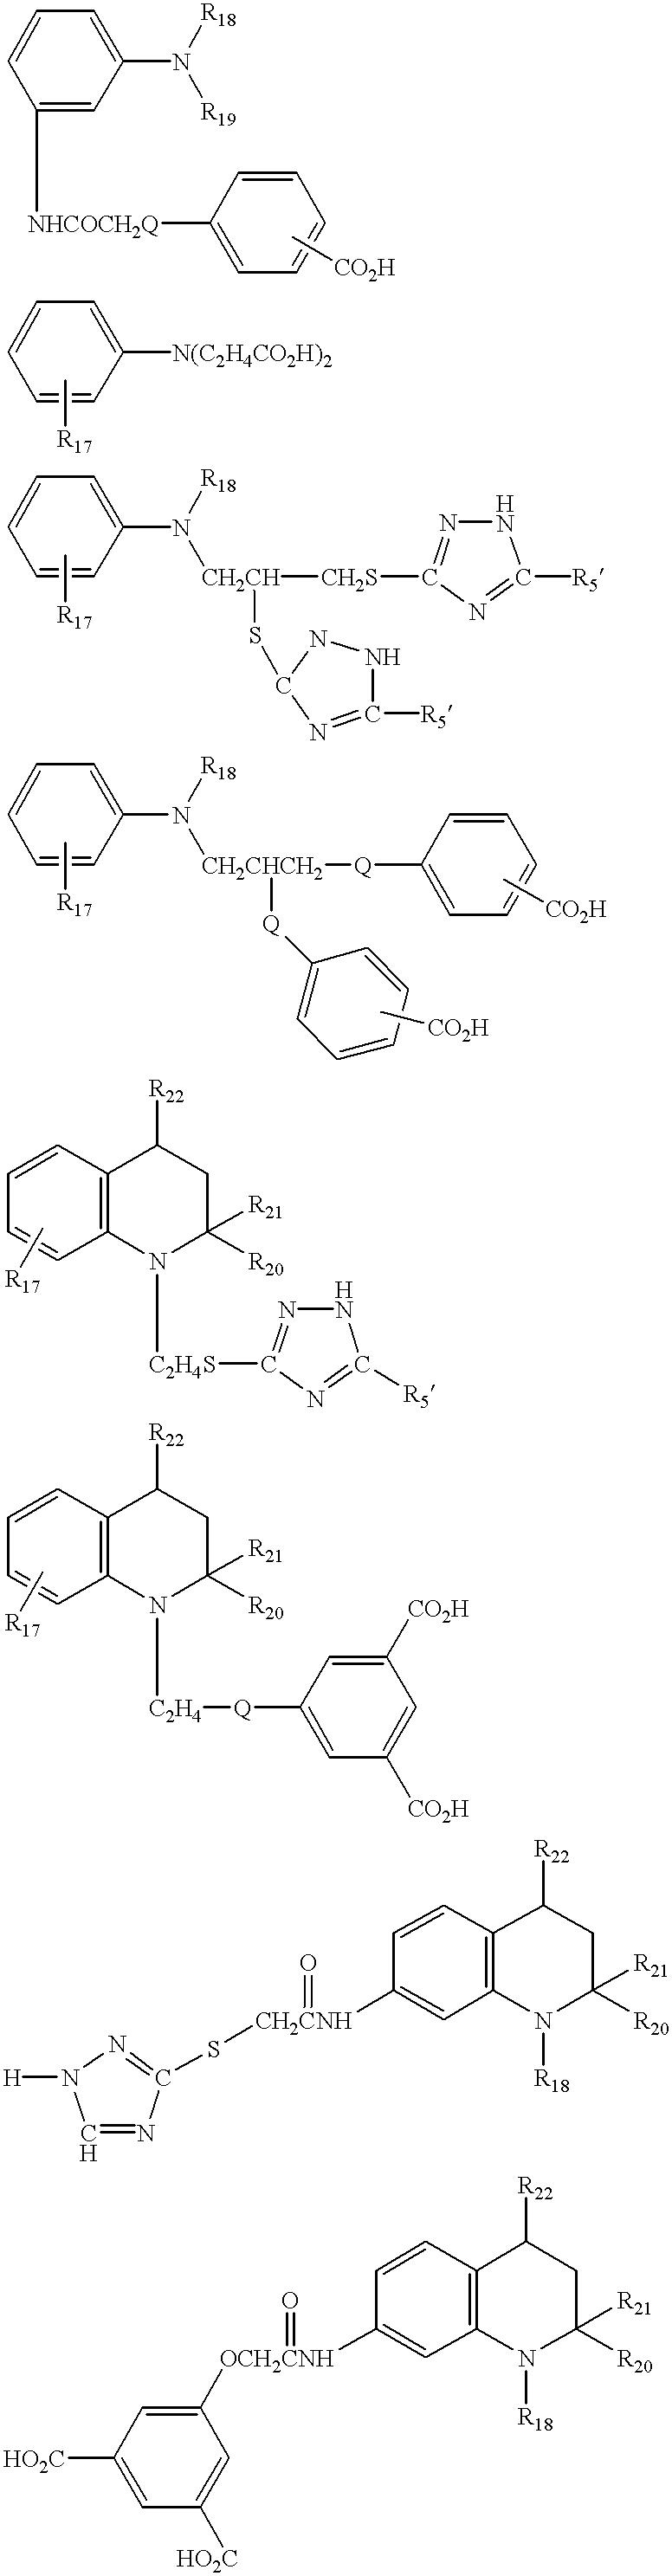 Figure US06197223-20010306-C00032